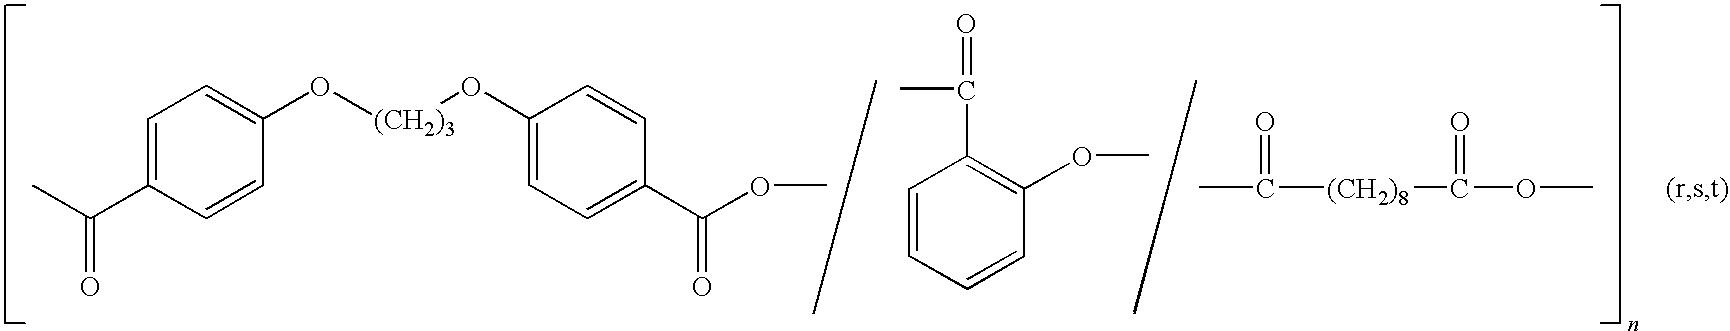 Figure US07875283-20110125-C00011